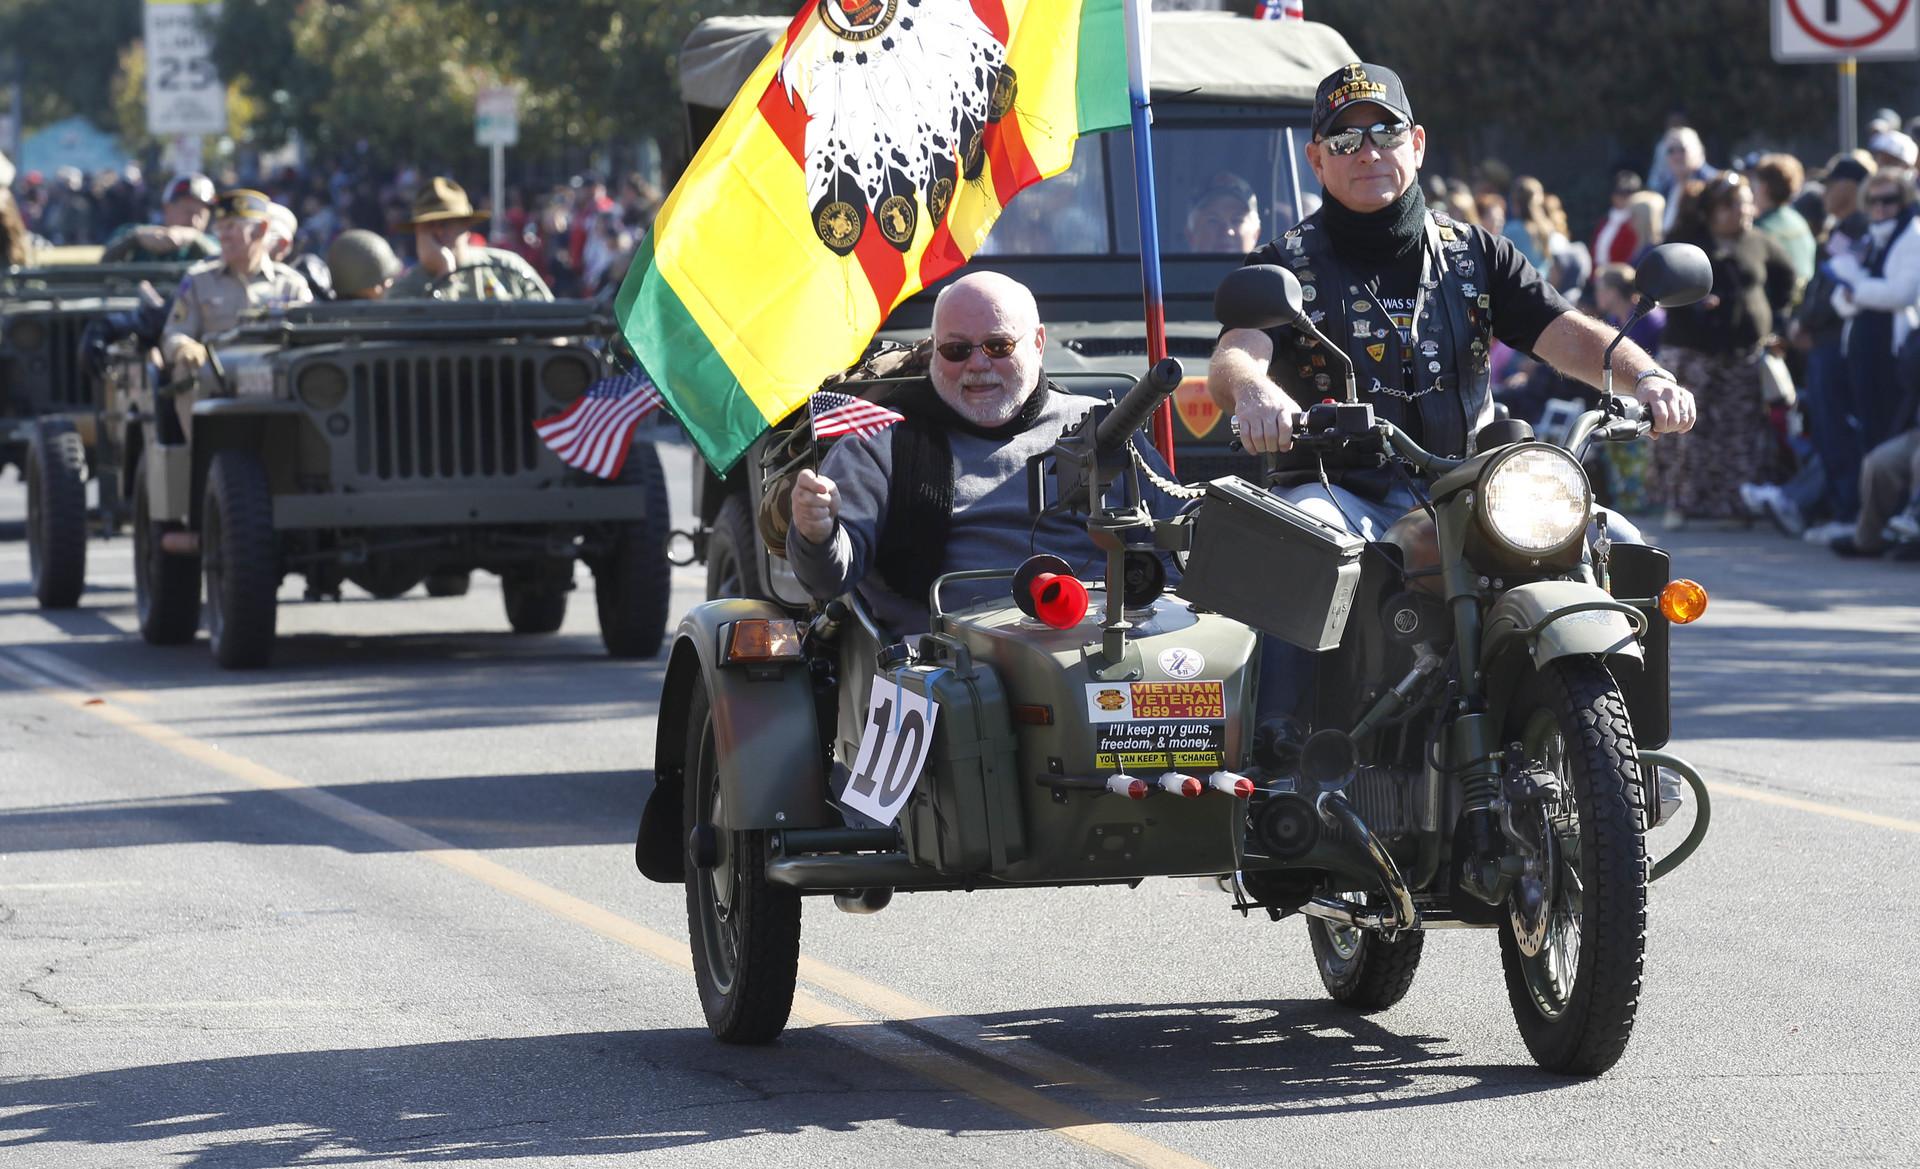 Ameriška vojna veterana z ruskim motorjem Ural na veteranski paradi v Kaliforniji